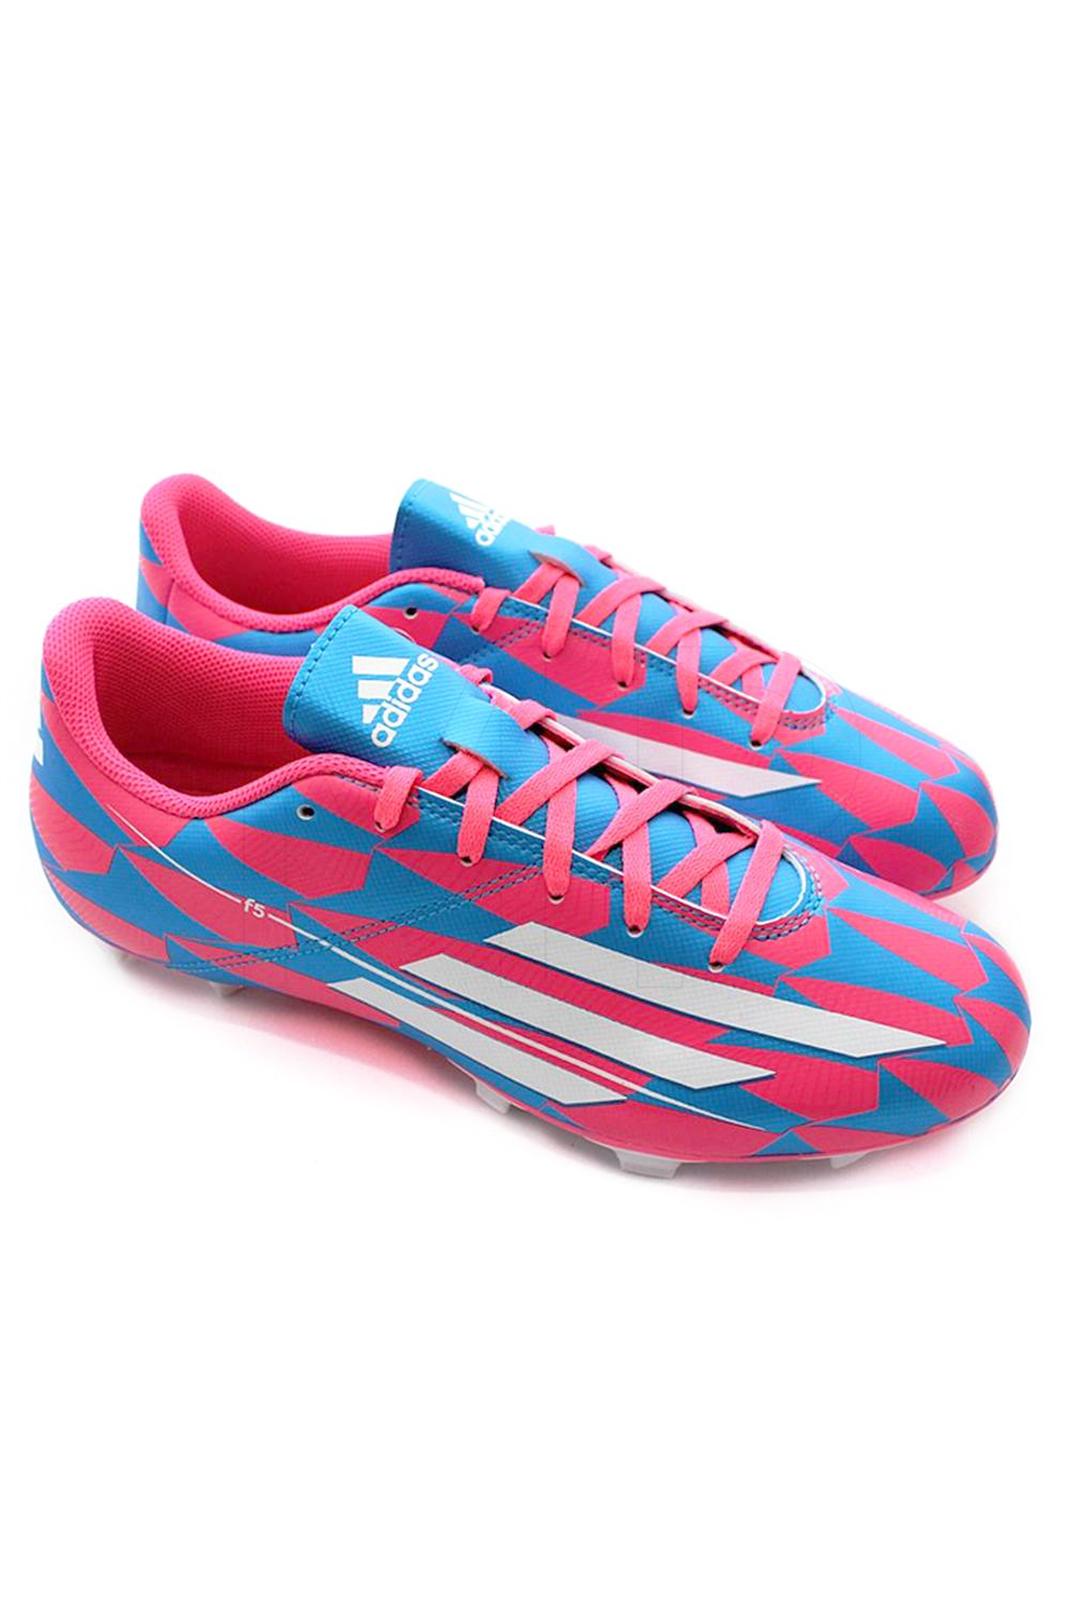 Chaussures  Adidas M17673 F5 FG J PINK / MULTI